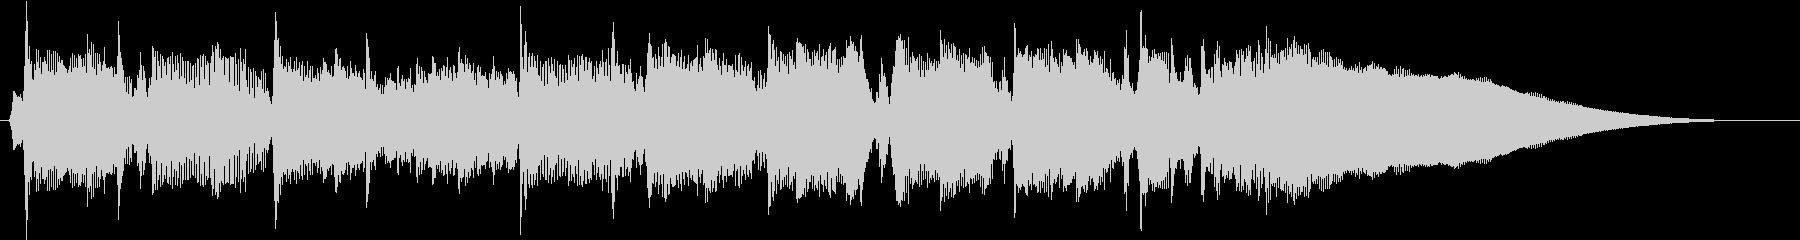 ジングル 軽やかなピアノの未再生の波形